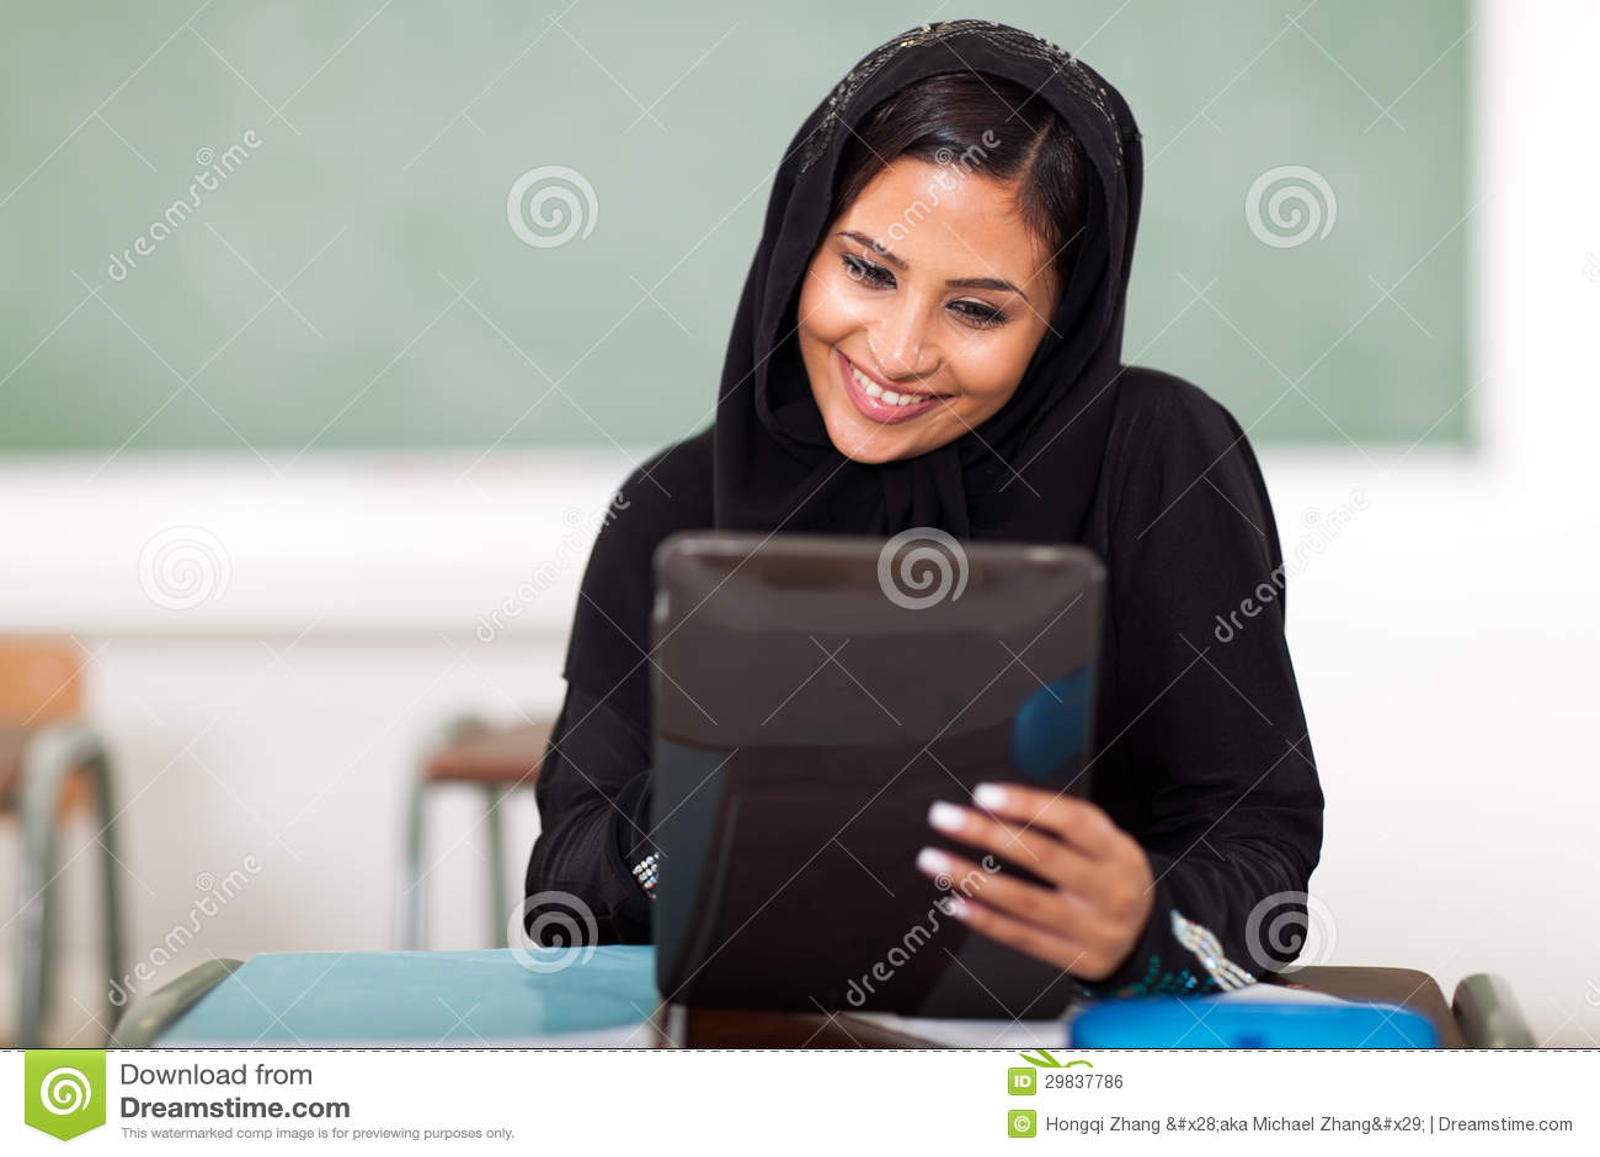 Arab muslim hijab girl blowjob fuck 5 nv - 2 part 9